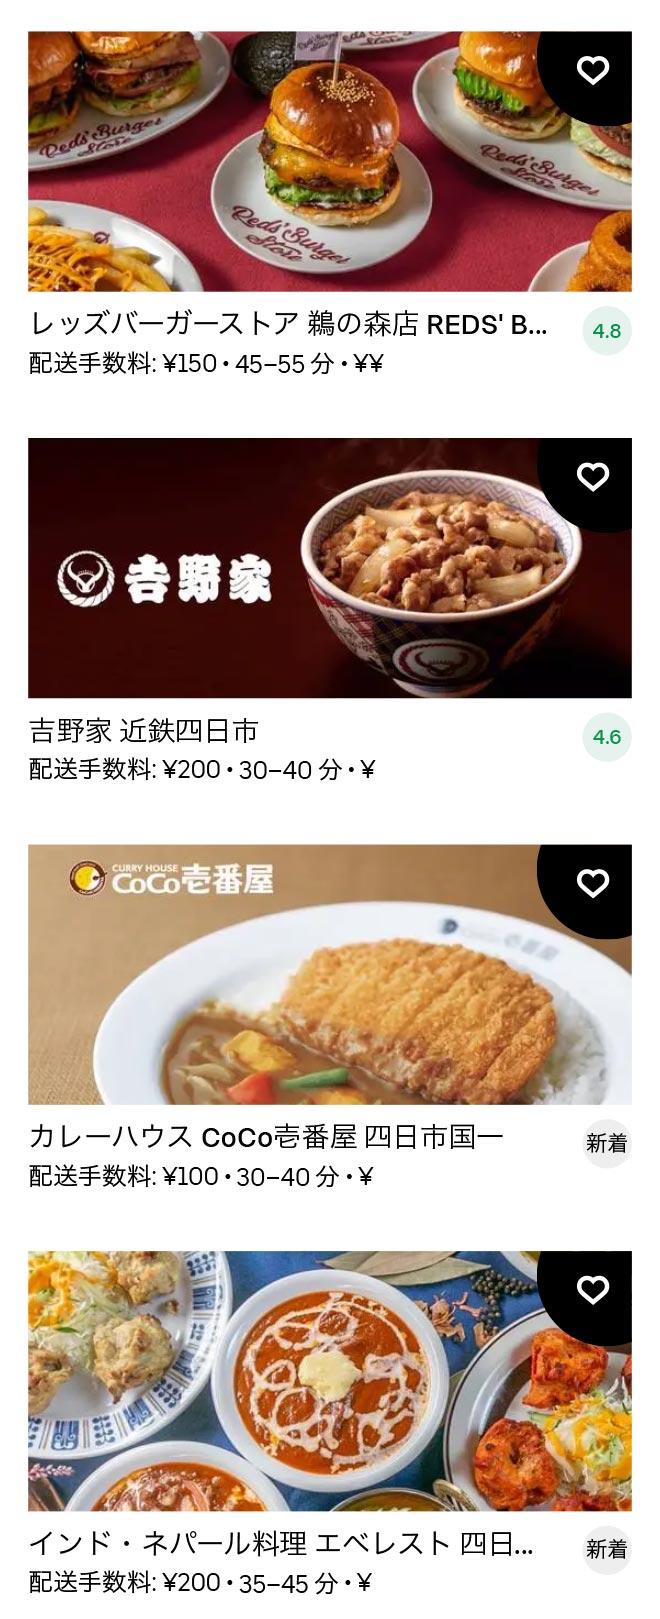 Minami hinaga menu 2012 03